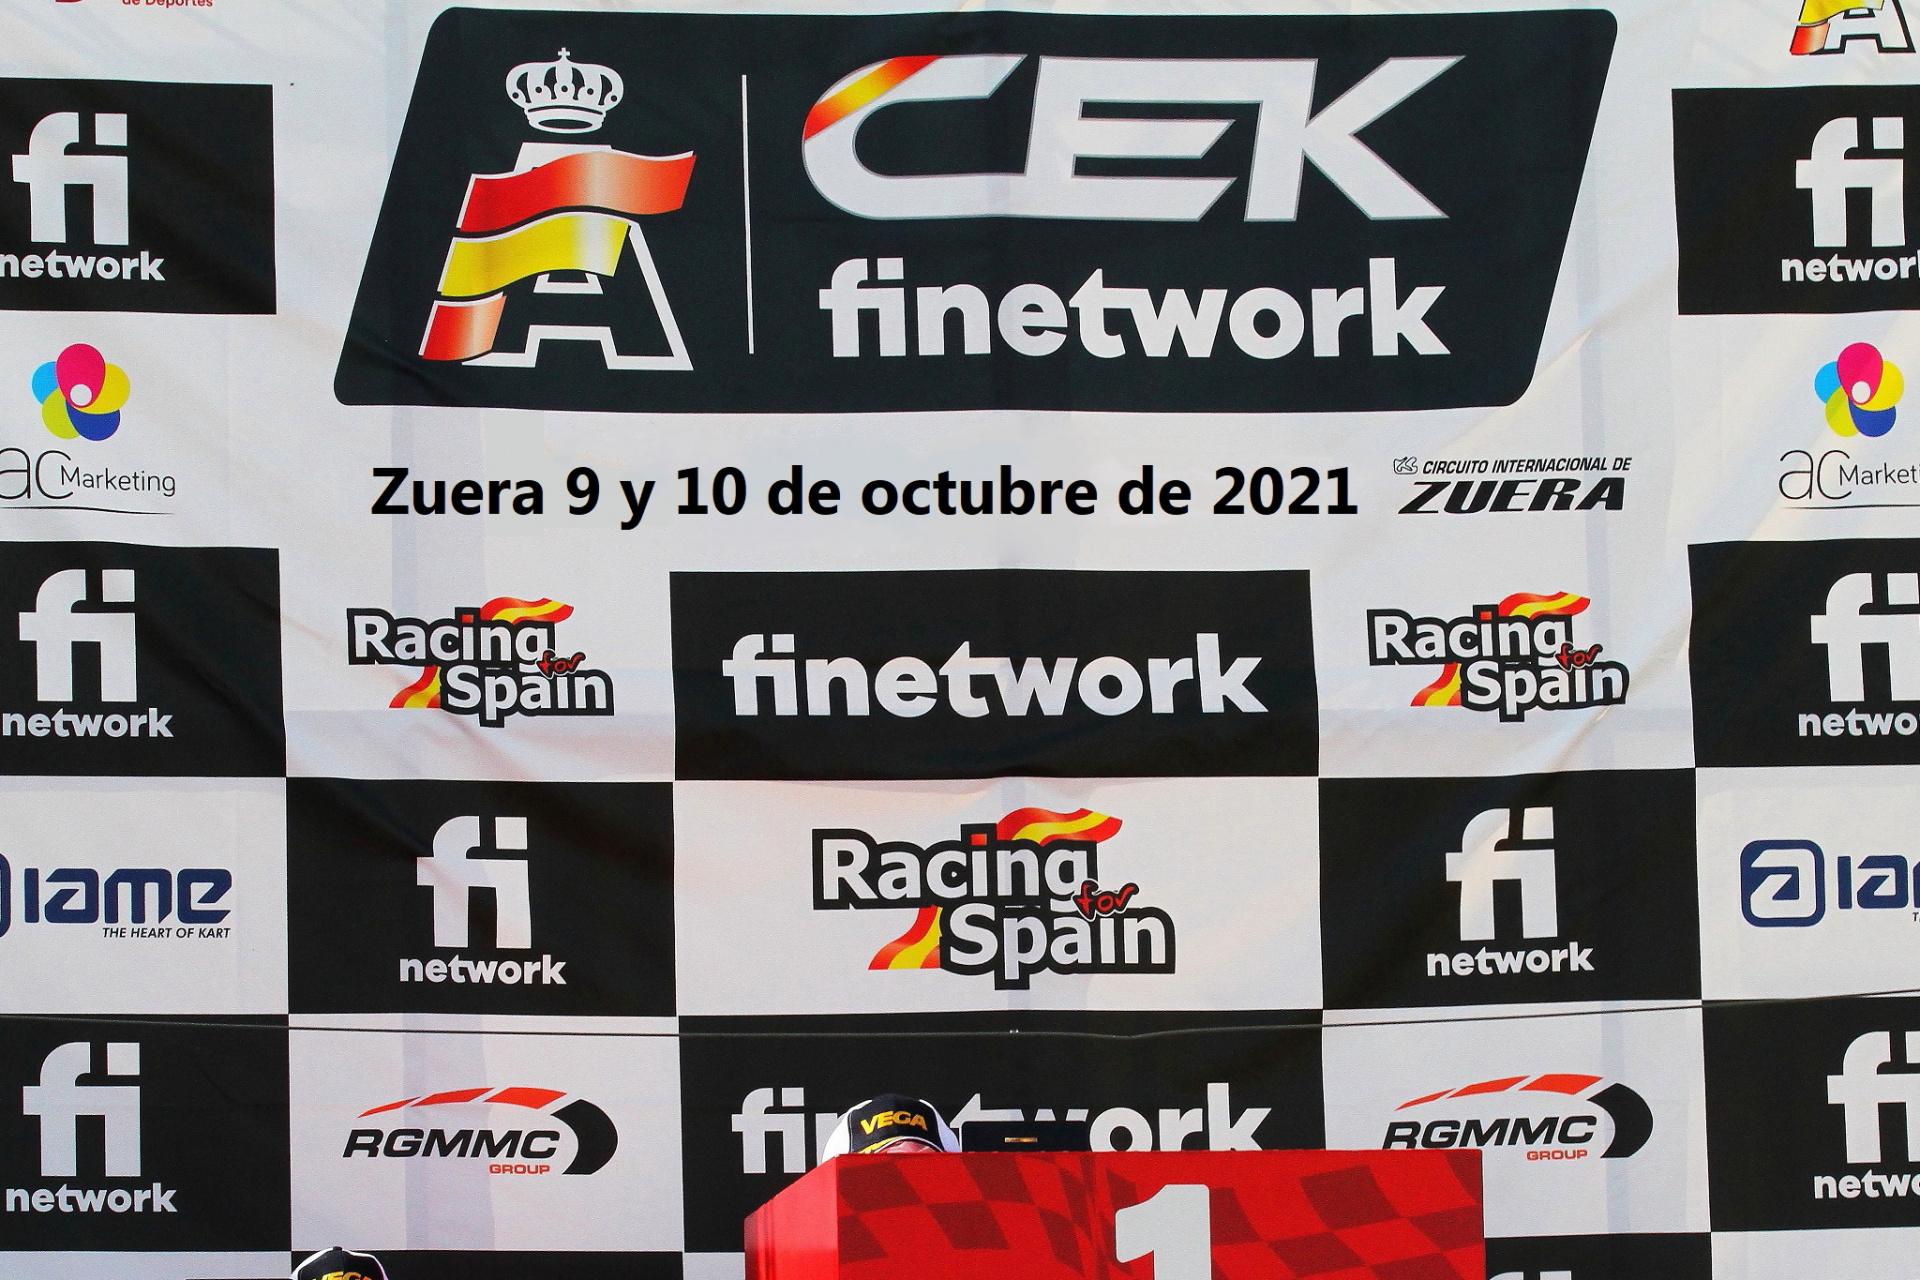 Zuera cerrará el Campeonato de España 2021